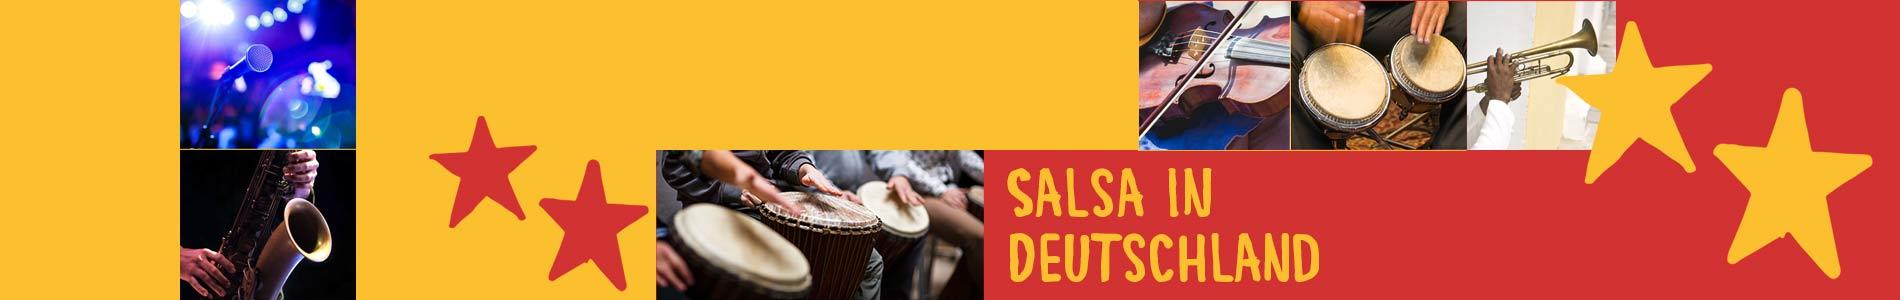 Salsa in Dachsenhausen – Salsa lernen und tanzen, Tanzkurse, Partys, Veranstaltungen